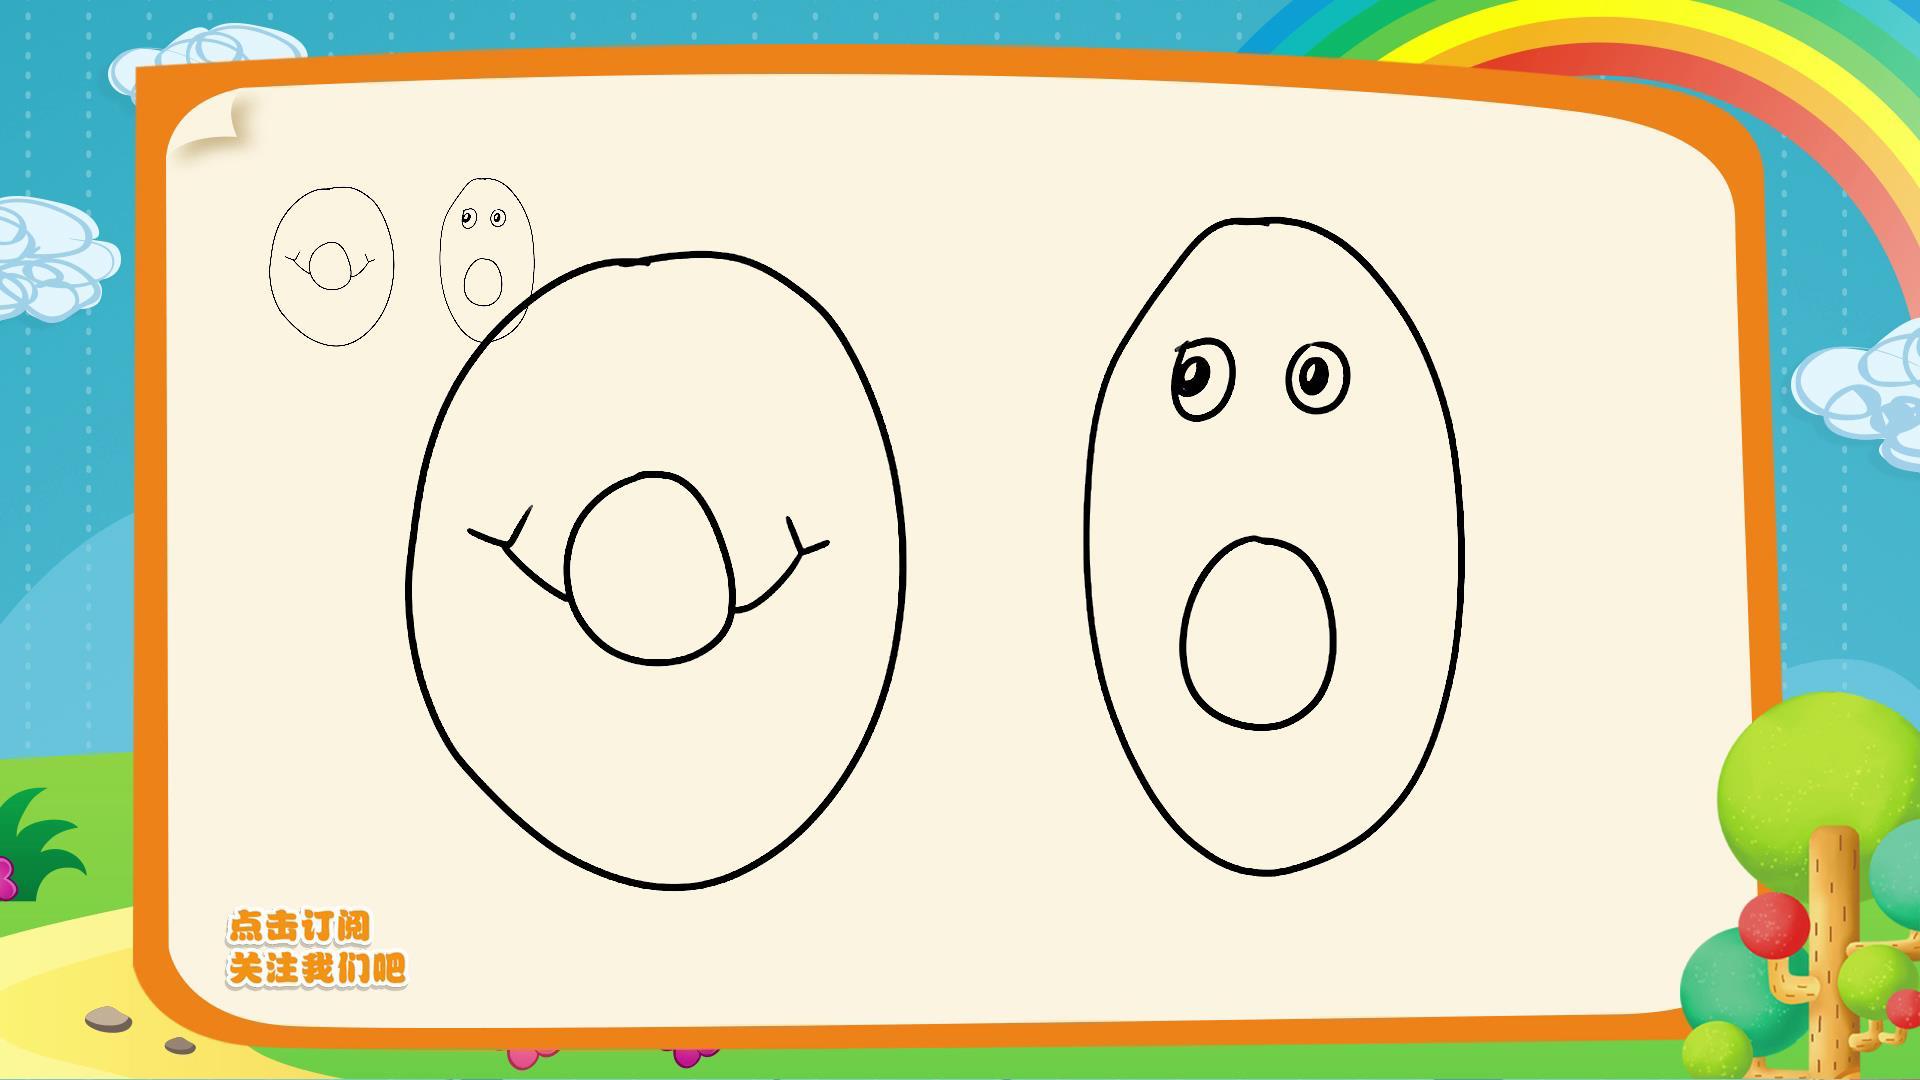 10数字简笔画,让你的孩子从绘画认识数字.图片